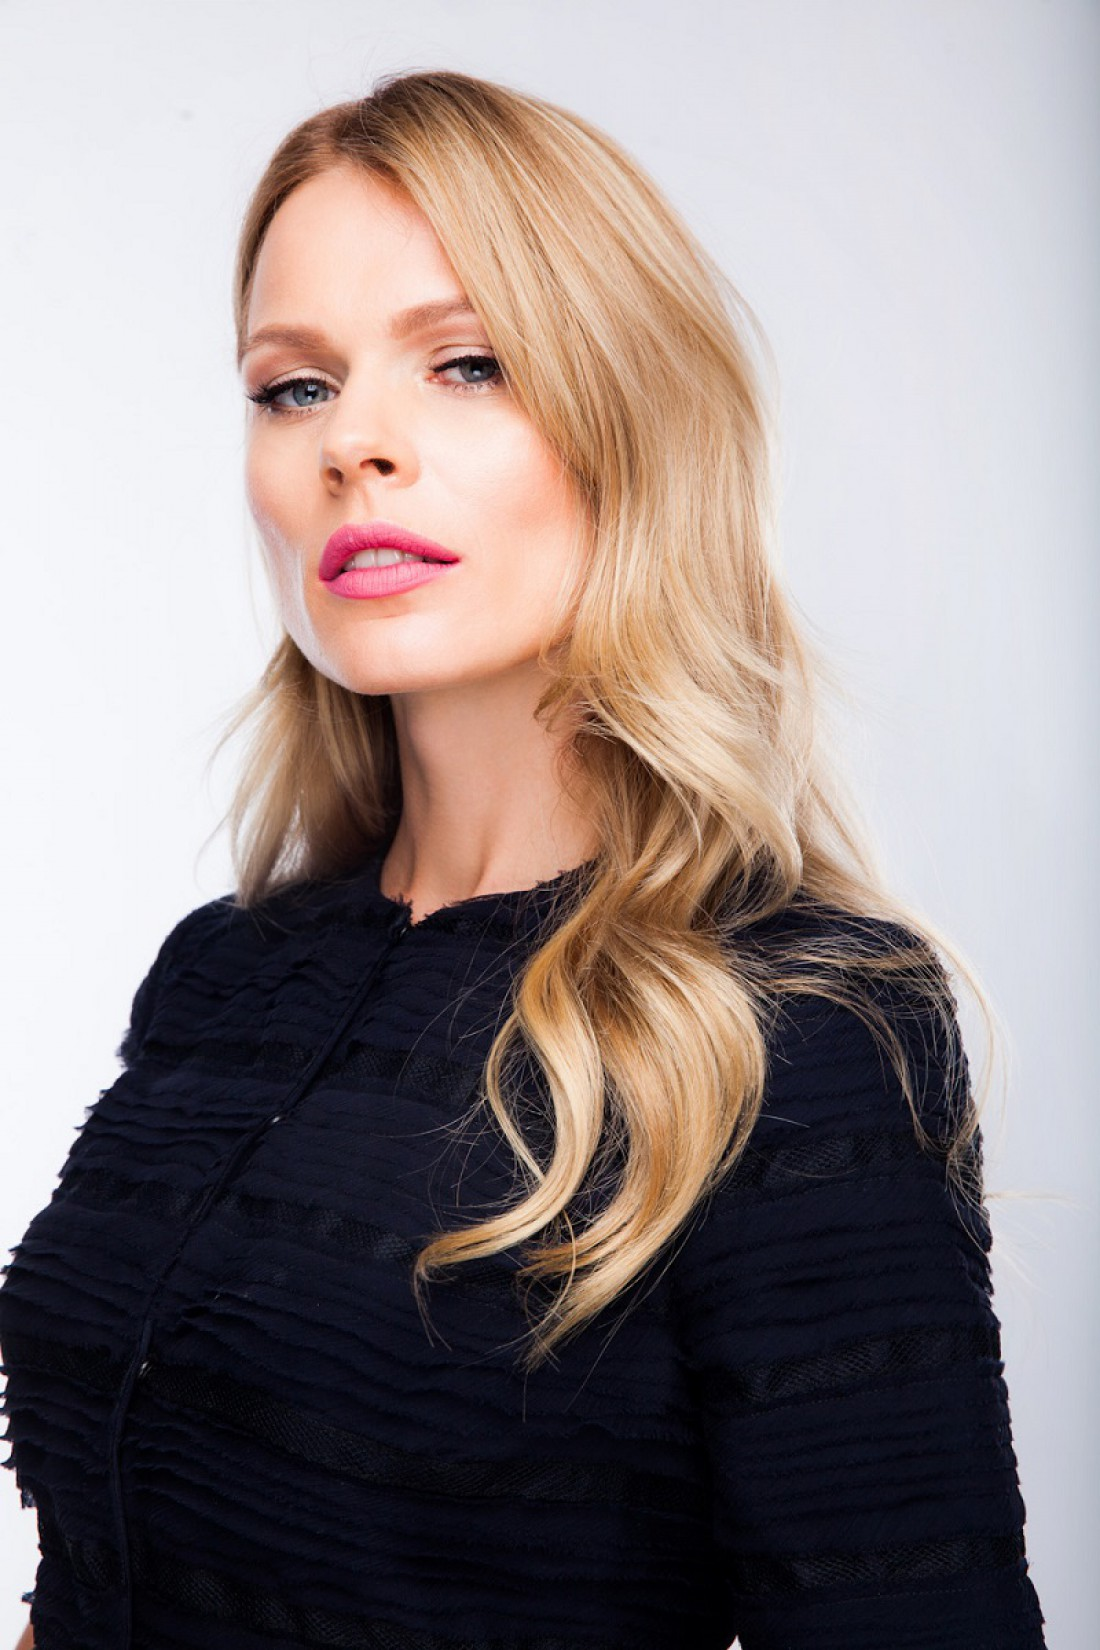 Ольга Фреймут – телеведущая программы Инспектор Фреймут